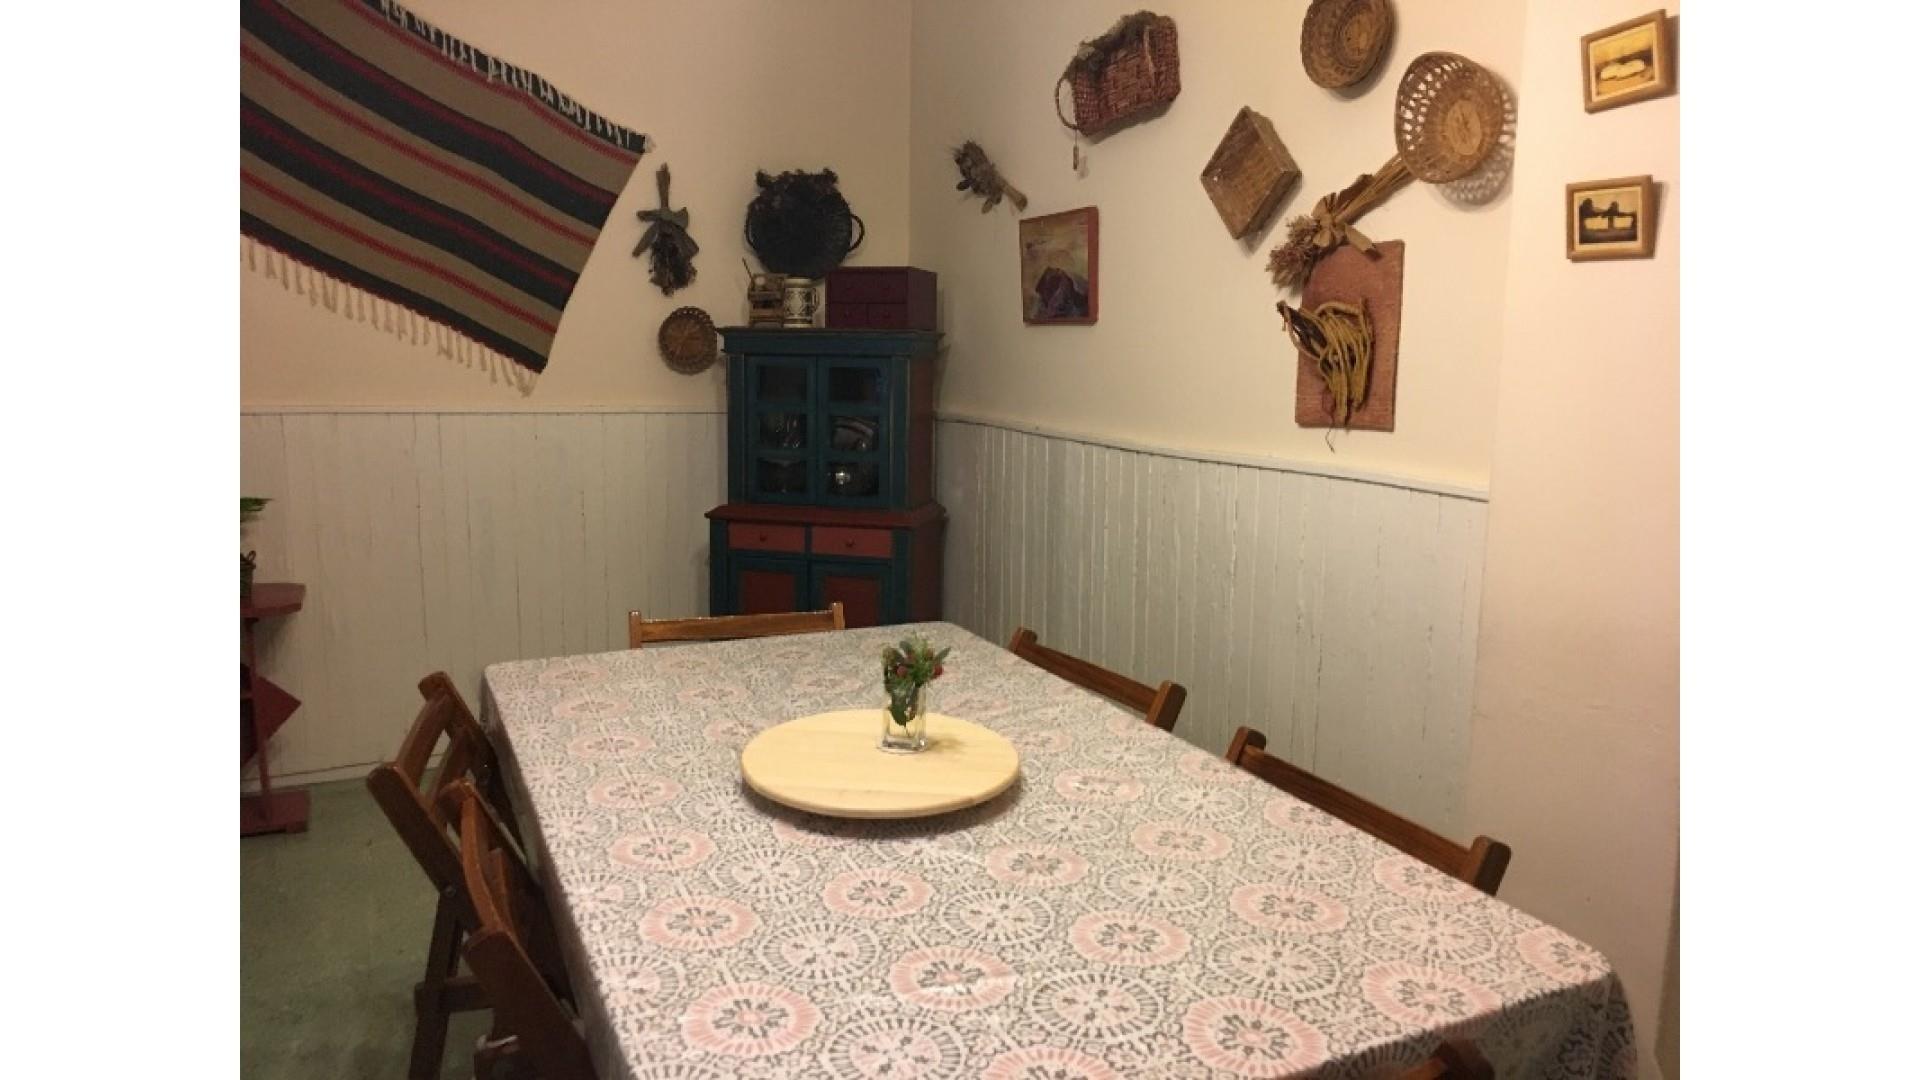 4 dormitorios - gran playroom - fondo arbolado - Foto 16